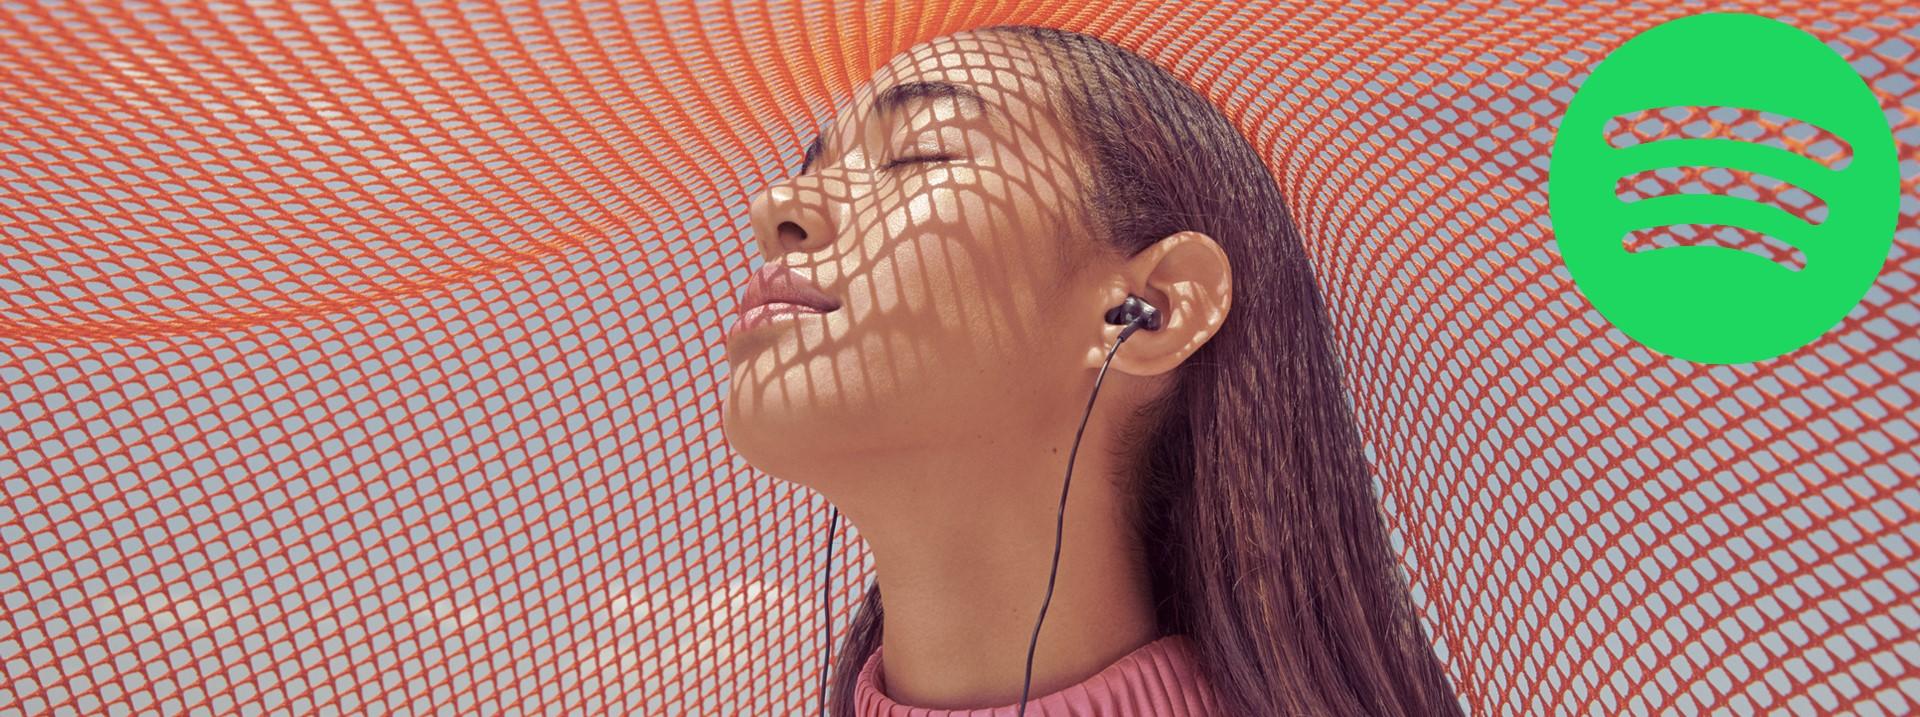 3 miesiące Spotify Premium za darmo dla nowych użytkowników 30